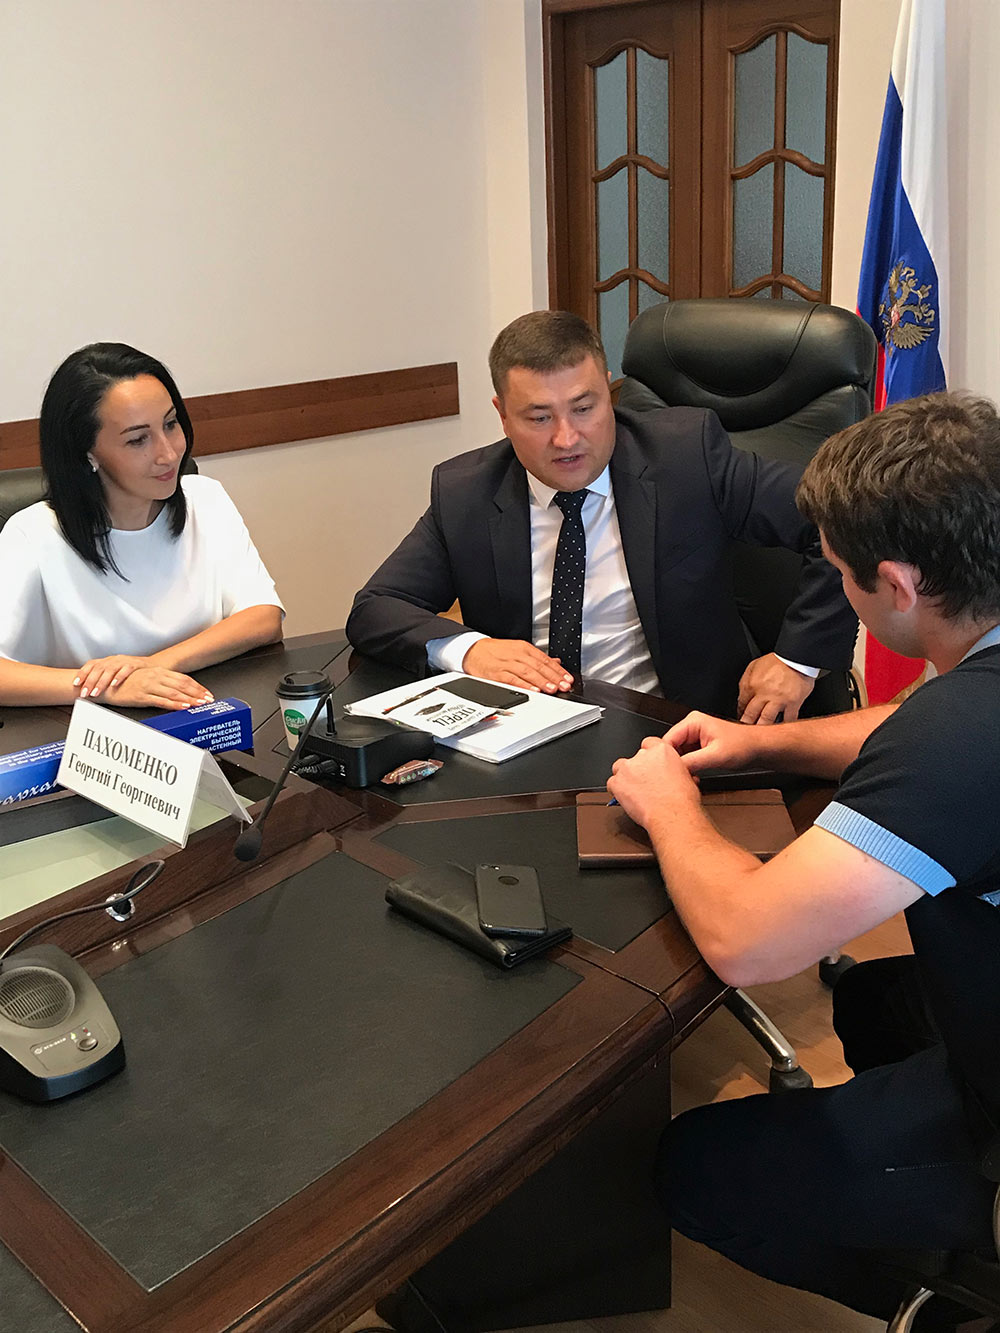 Во Владикавказе состоялась рабочая встреча представителей федеральной торговой сети «Пятерочка» с местными товаропроизводителями